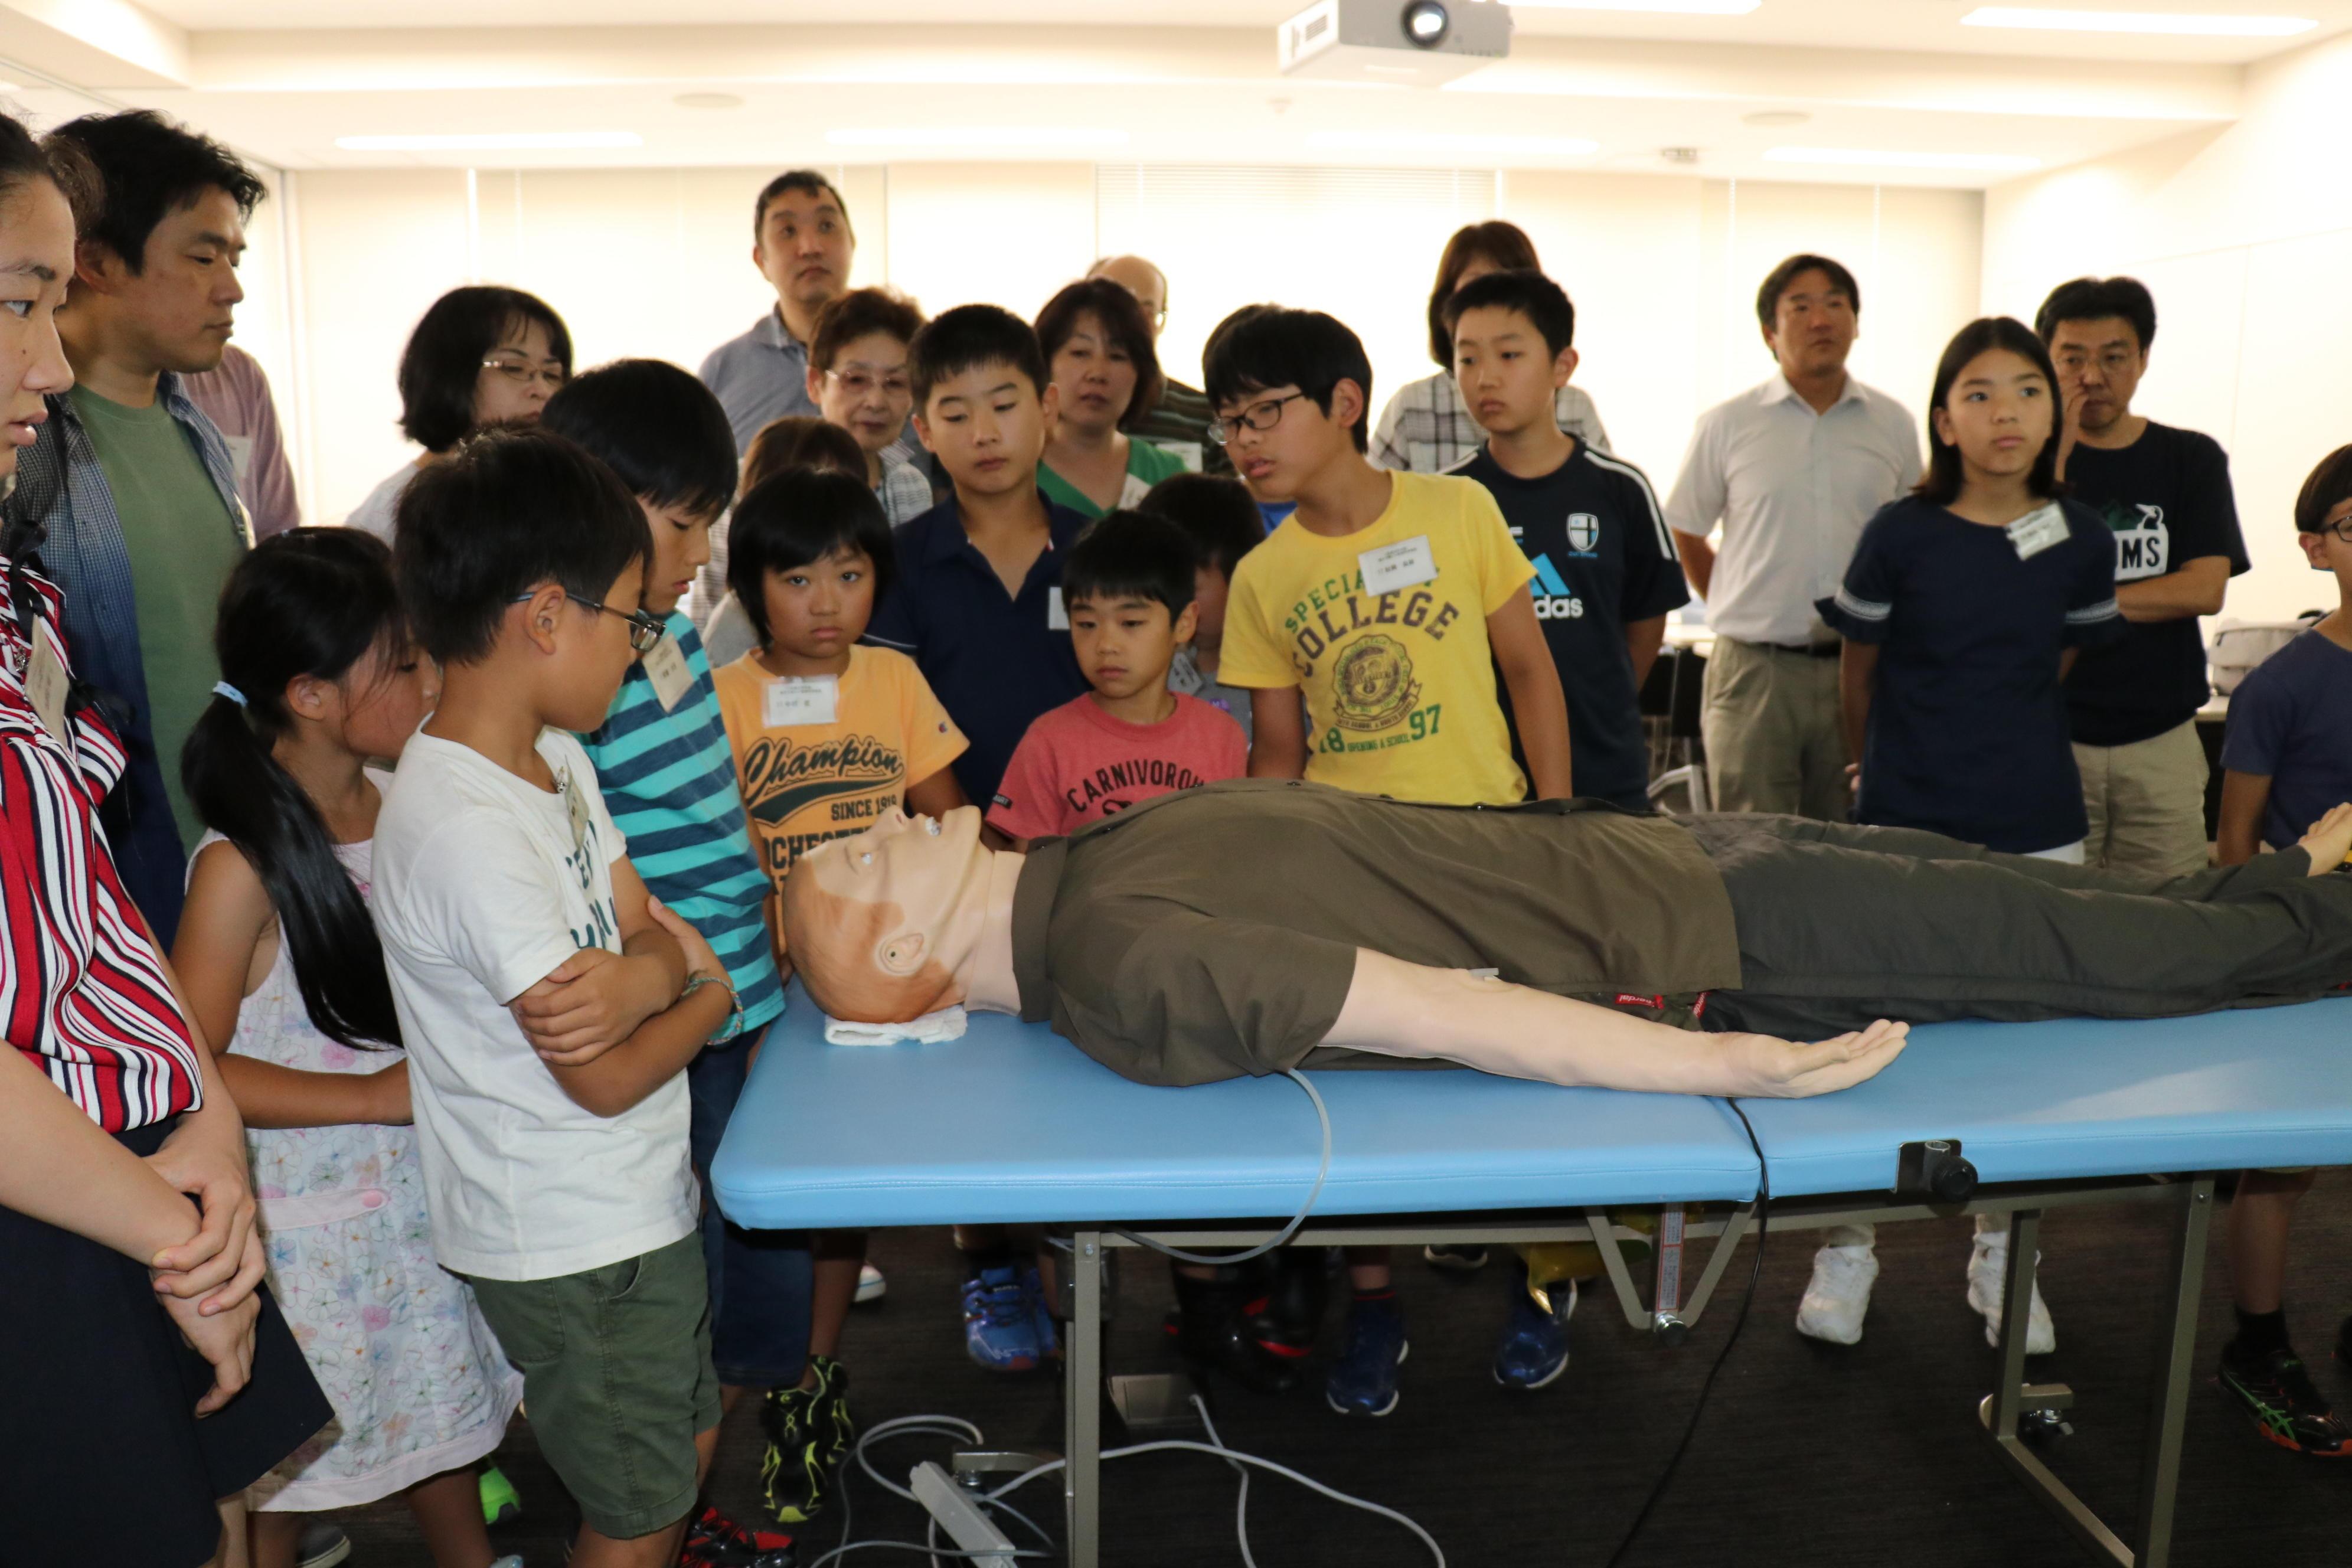 高性能患者シミュレーターを取り囲む参加者=八事キャンパス